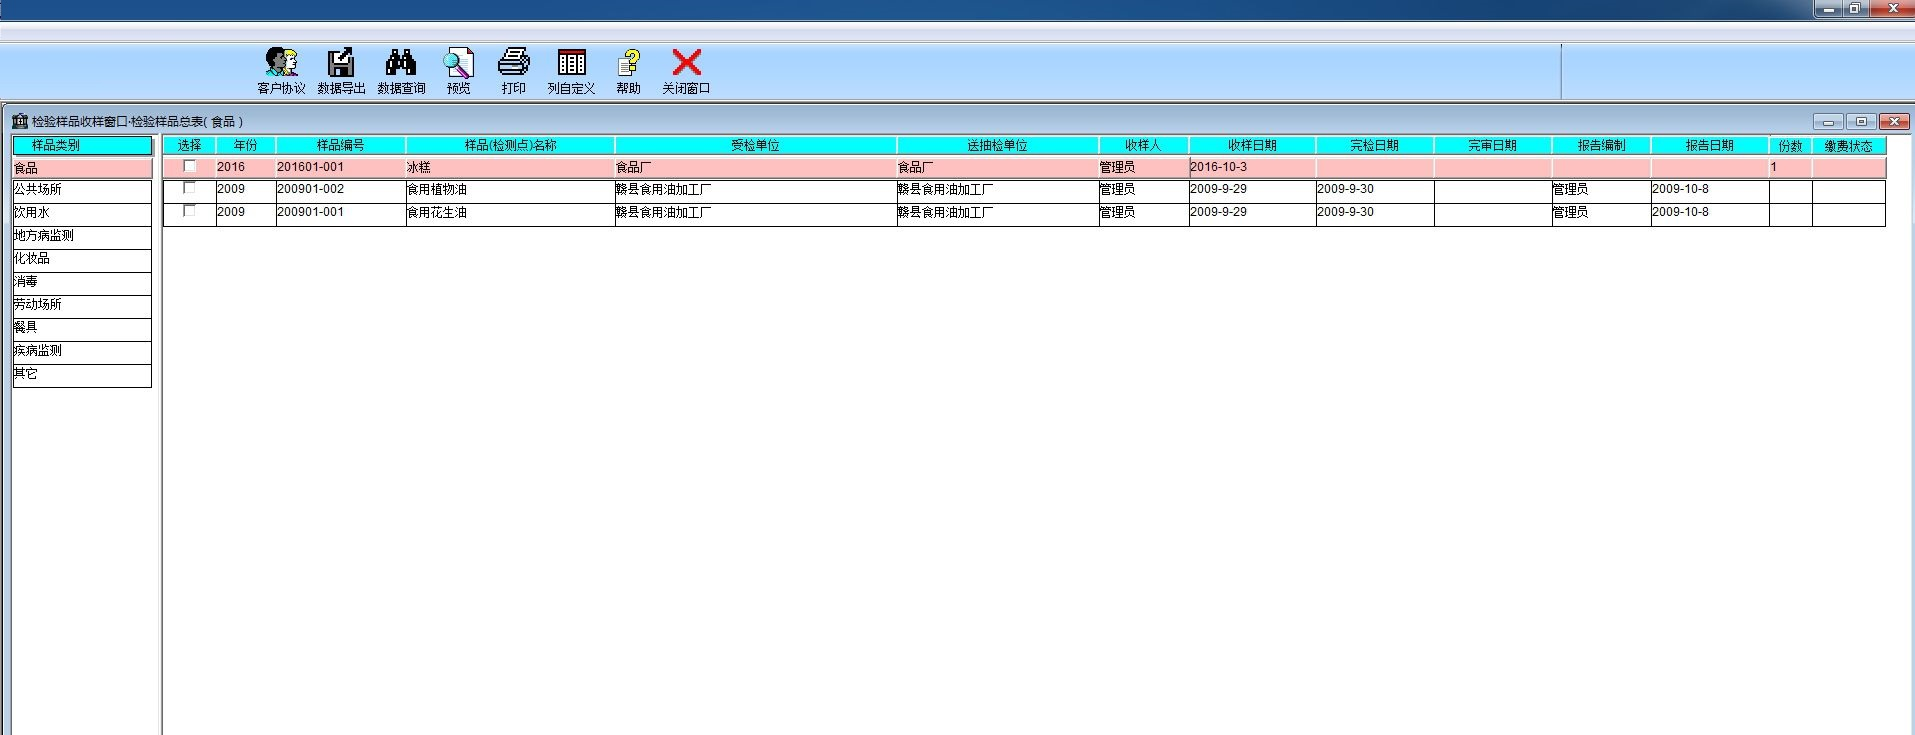 锋星实验室信息管理系统截图